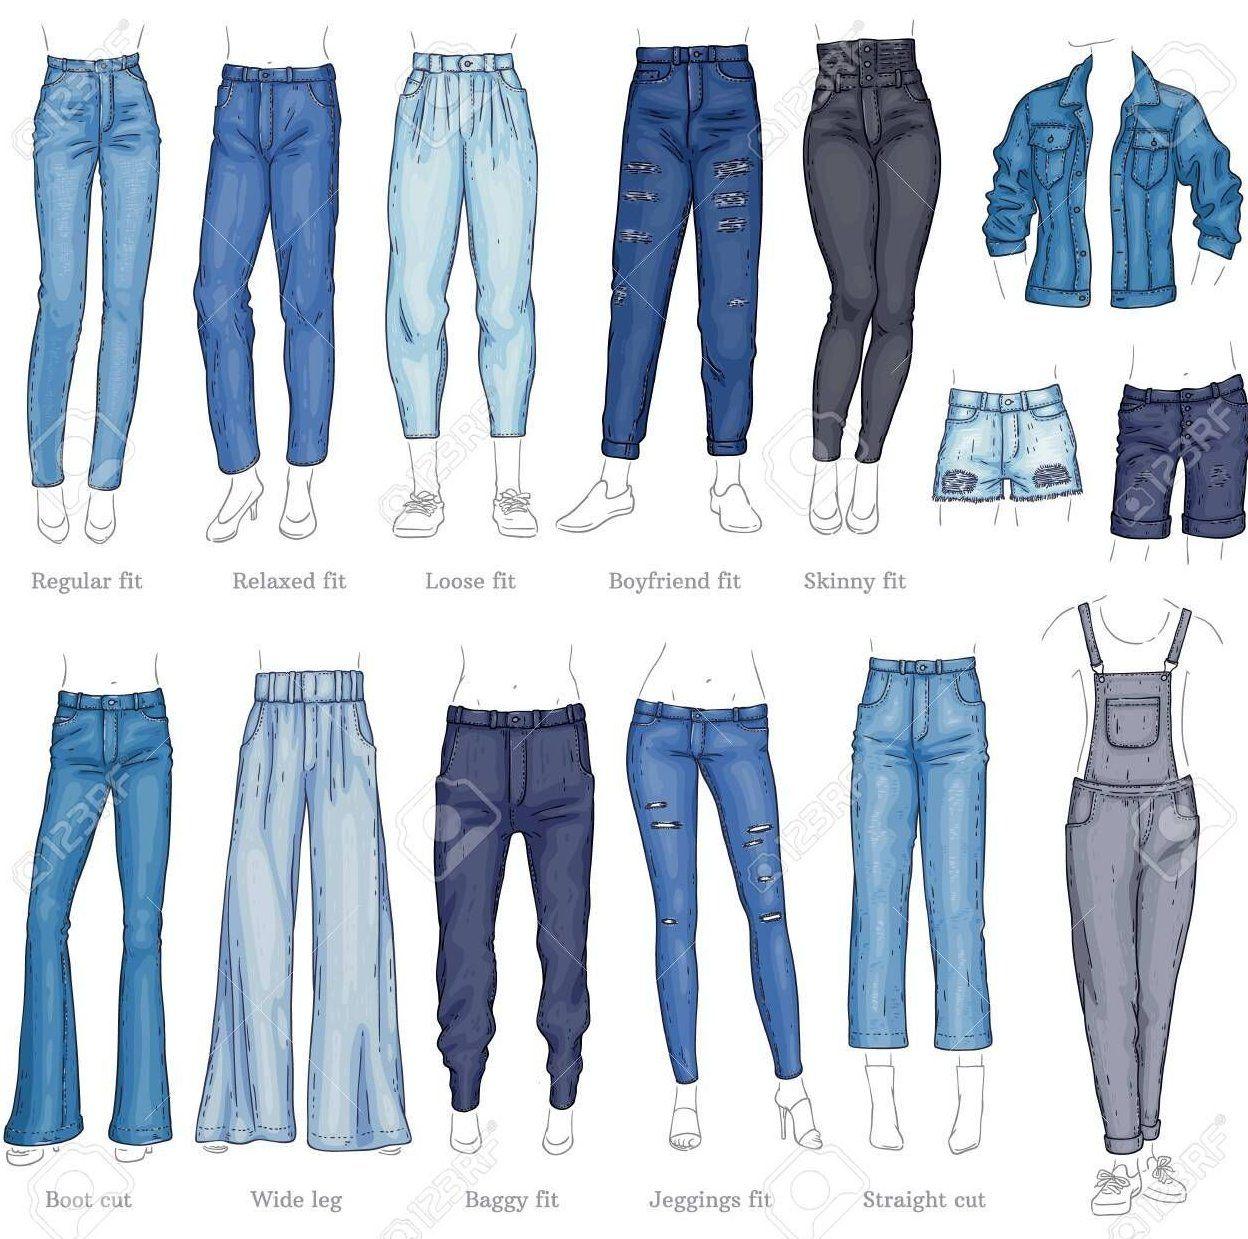 Vector Denim Pantalons Feminins Shorts Et Veste Jeu D Icones De Croquis Mode Decontractee Tro Art In 2020 Fashion Drawing Fashion Design Sketches Type Of Pants